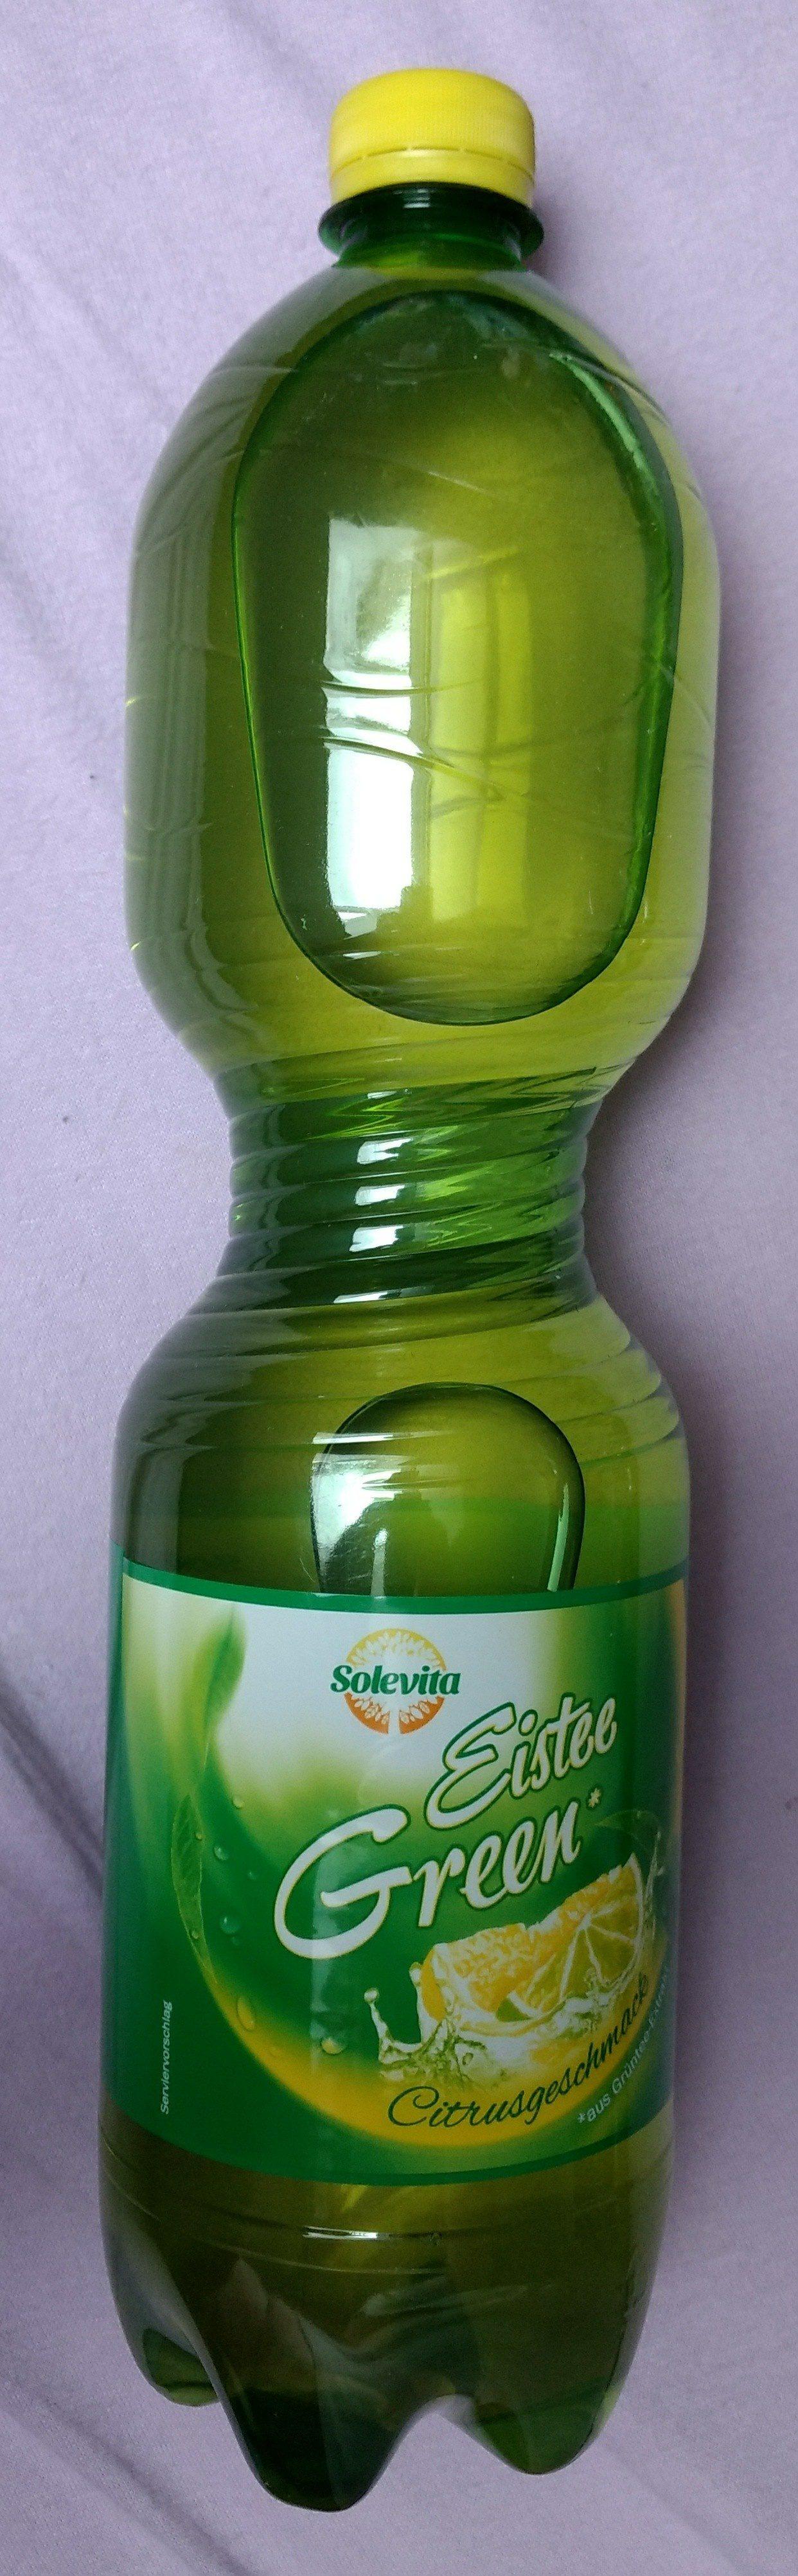 Eistee Green Citrusgeschmack - Produkt